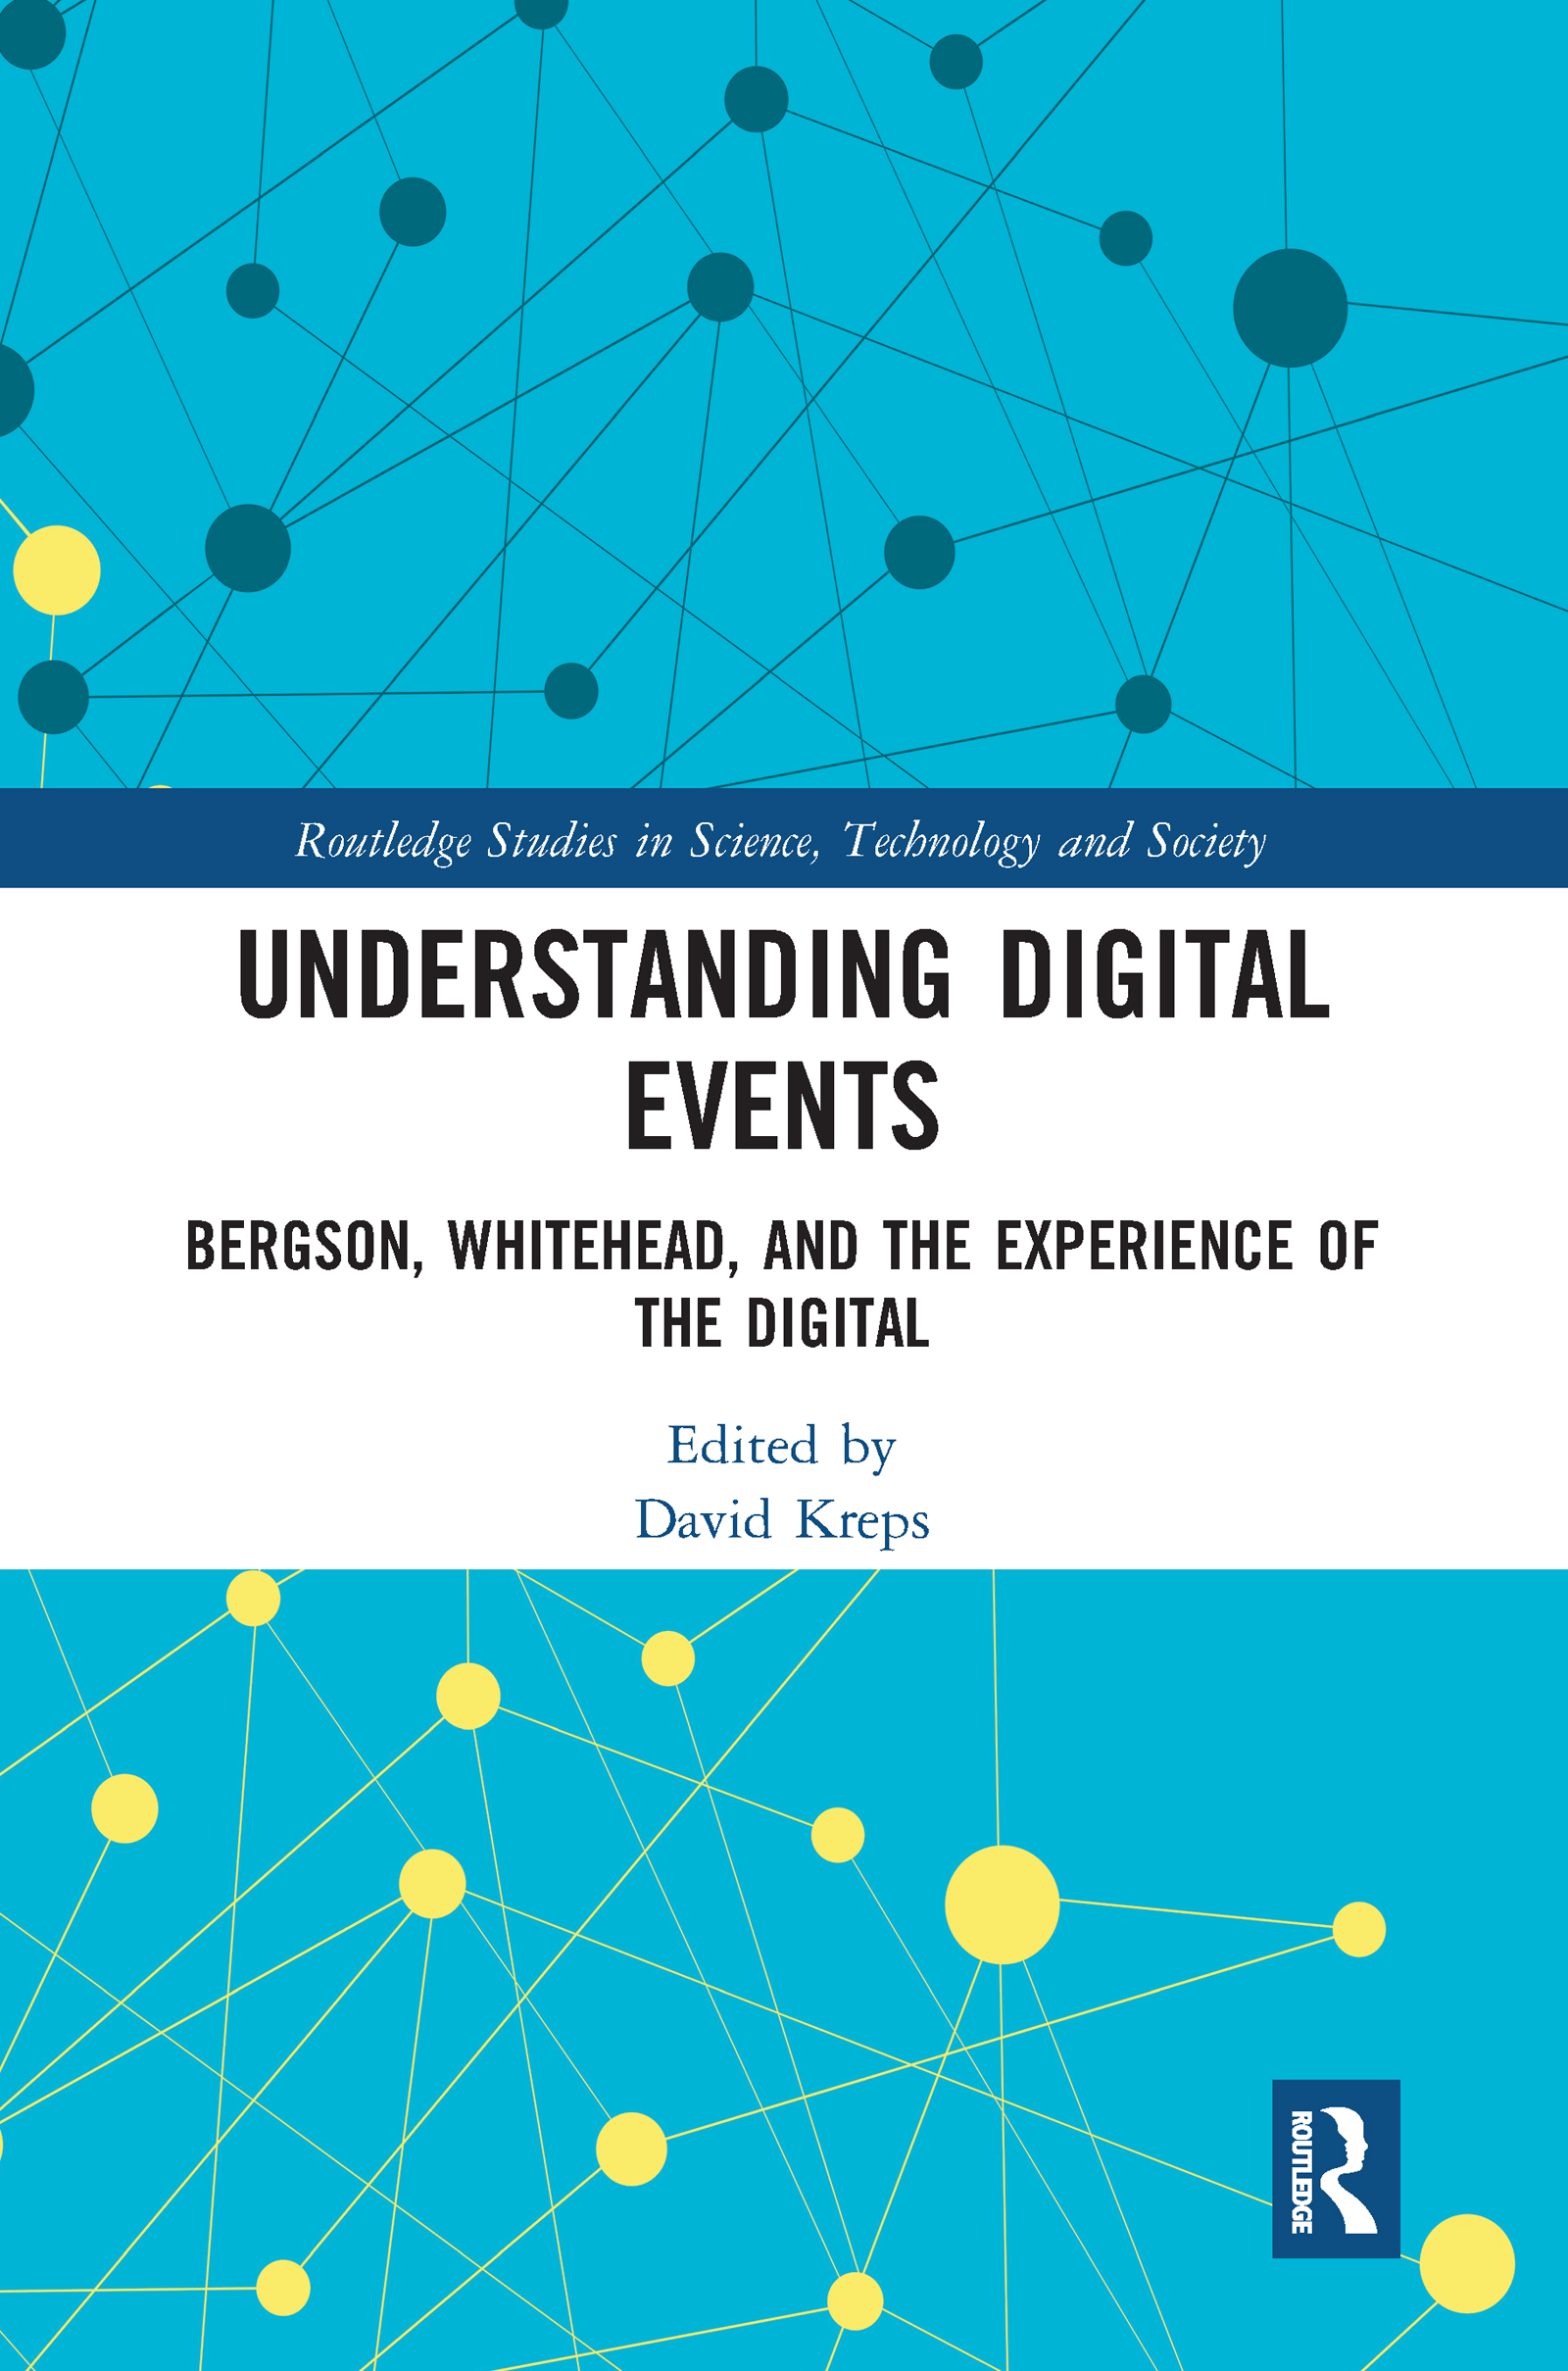 Understanding Digital Events